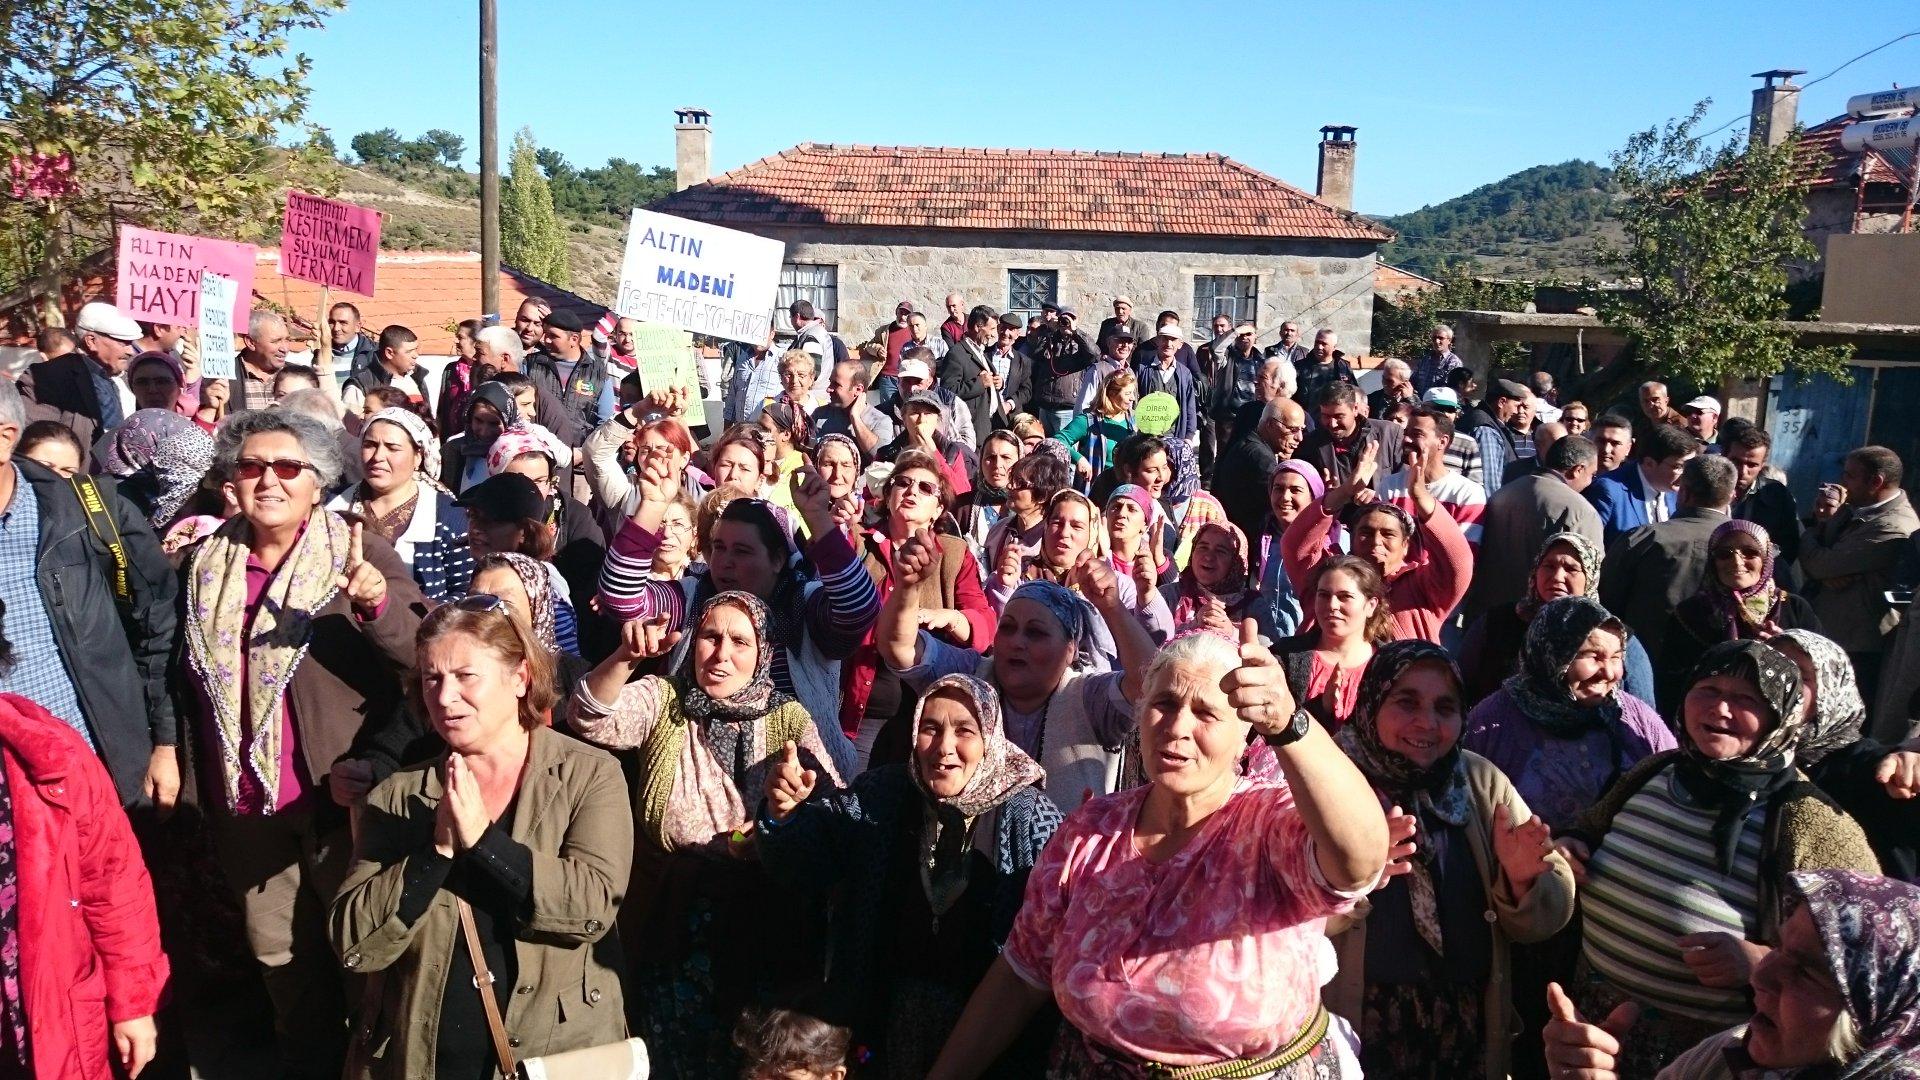 25 Nisan: 'Yerellik, Kültür ve Kimlik Perspektifinden Toplumsal Hareketler:  Çanakkale'den Saha Notları' atölyesi